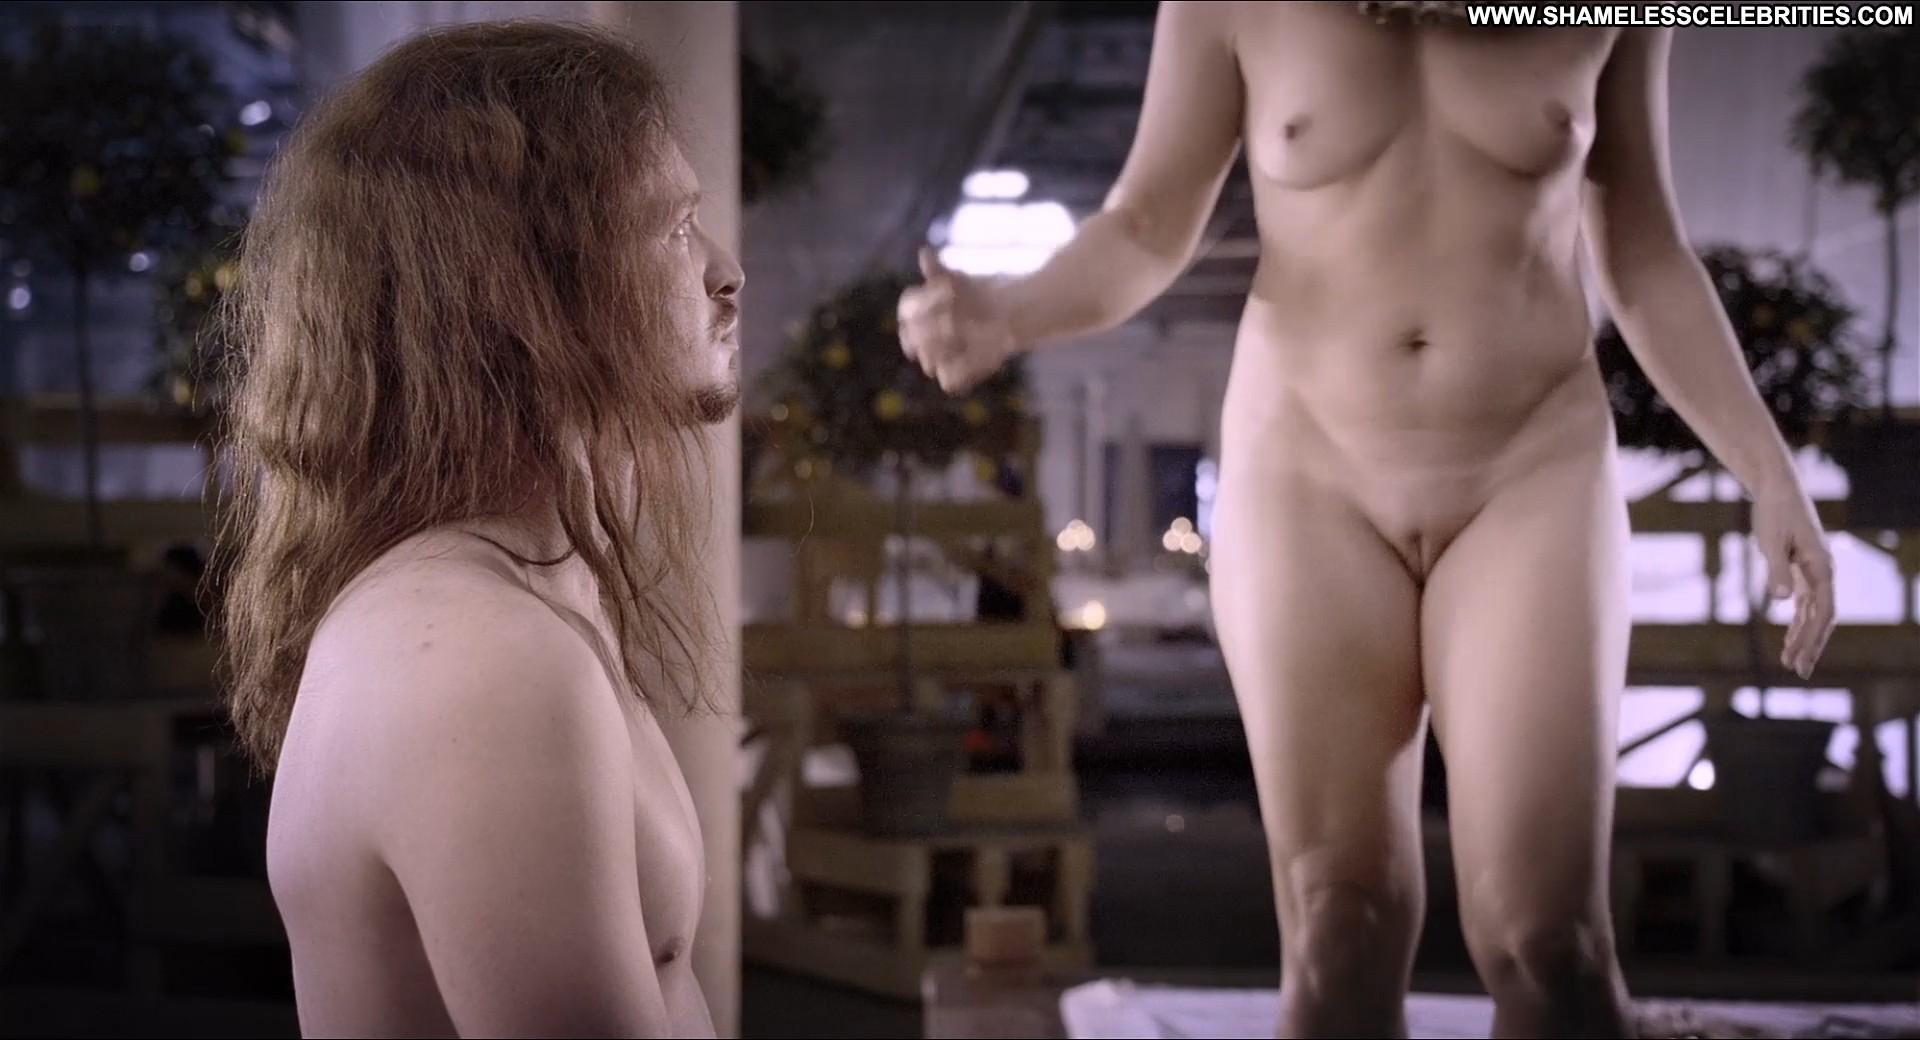 A Serbian Film Sex Scene Porno Videos  Pornhubcom